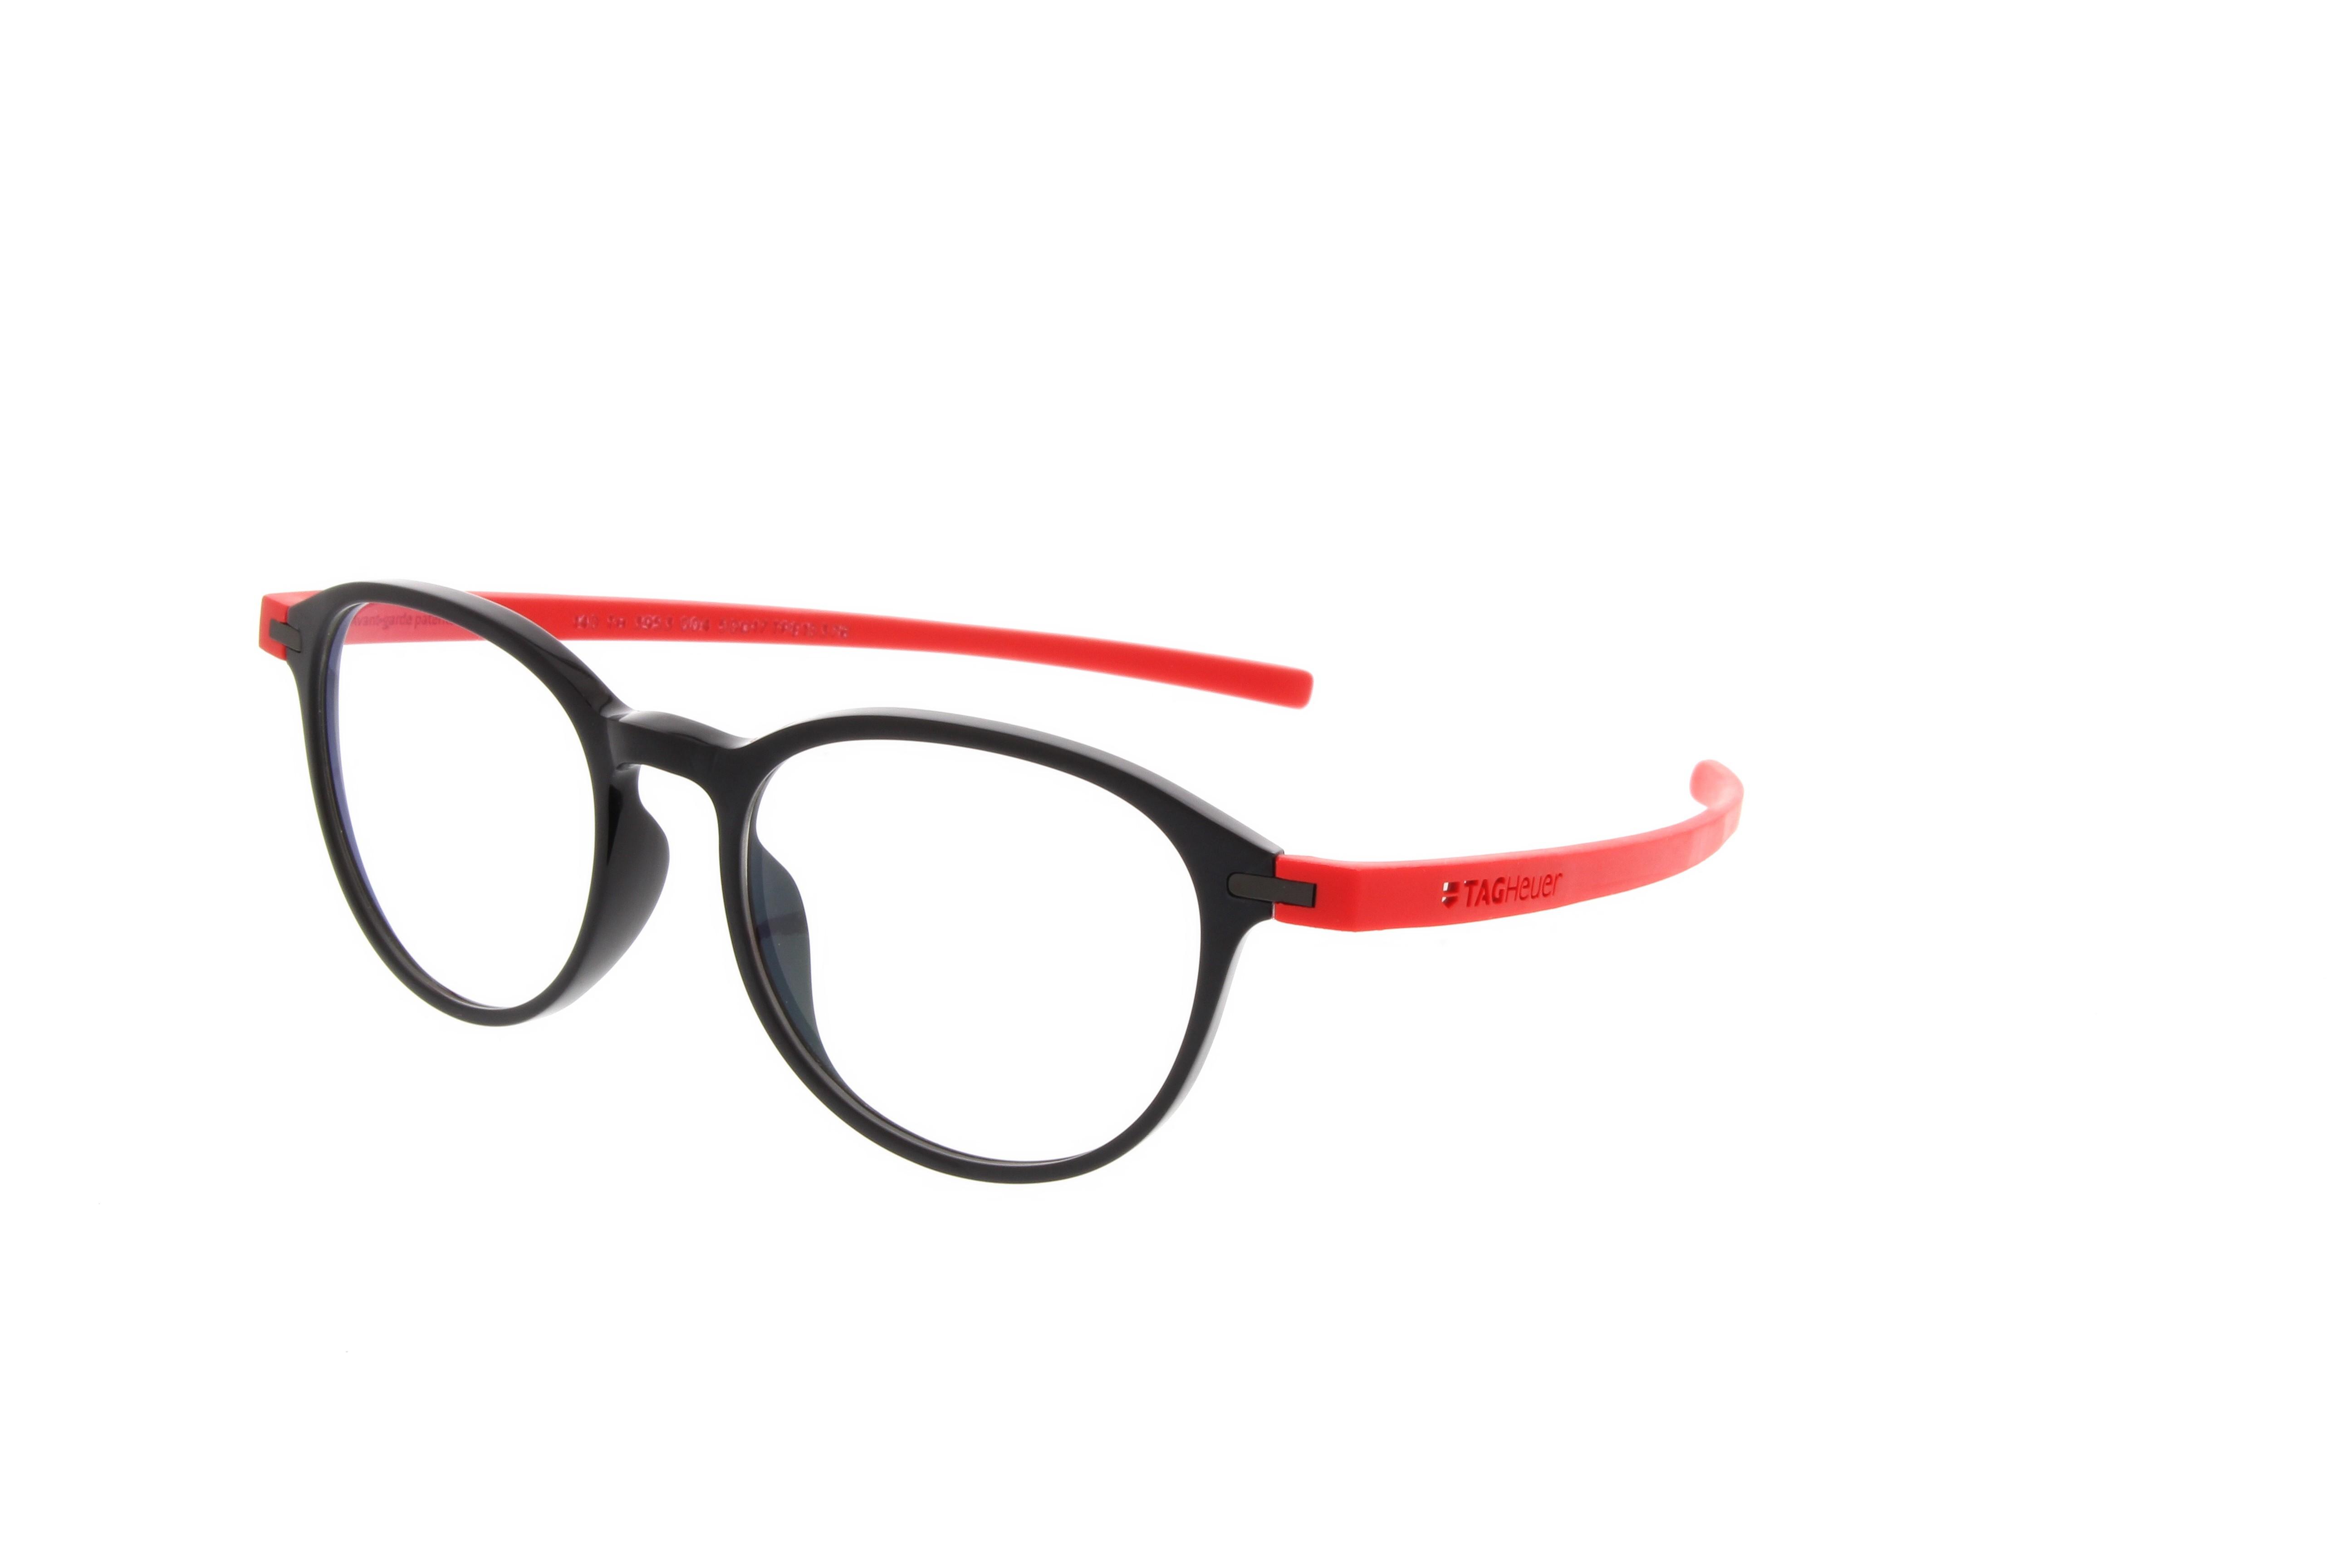 Tag Heuer Eyeglass Frame Repair : Tag Heuer 3953 REFLEX 3 ACETATE Eyeglasses